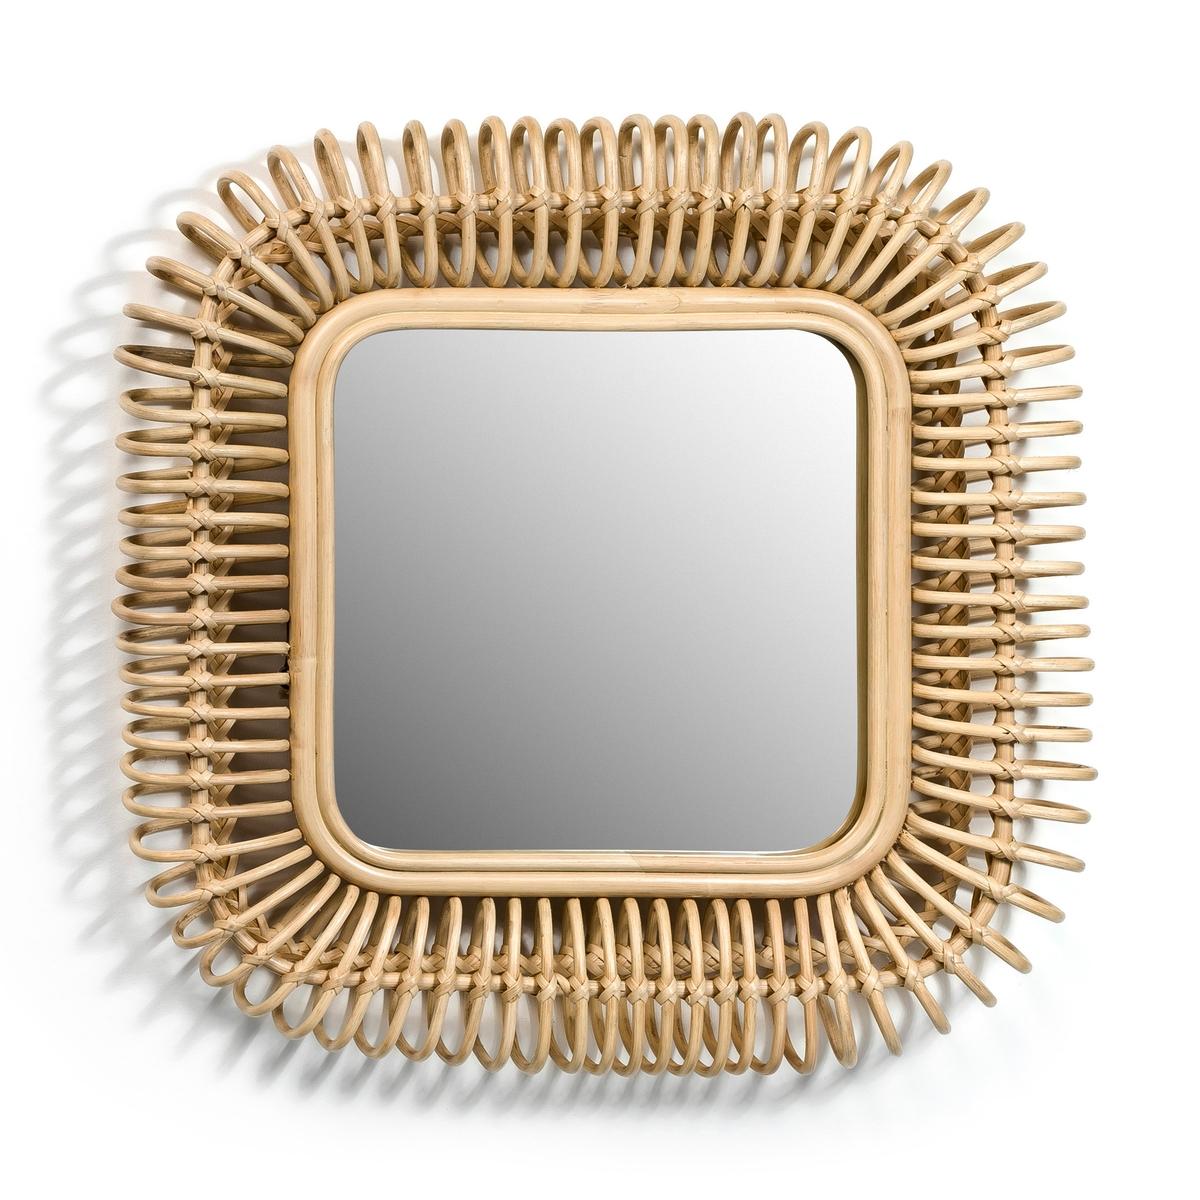 Зеркало квадратное из ротанга Д55 x В55 см, TarsileХарактеристики: : - Из ротангаРазмеры  :-Дл.55 x Выс..55 x Гл..6 см..- Размеры зеркала : шир. 30 x Дл.. 30 см<br><br>Цвет: серо-бежевый,черный